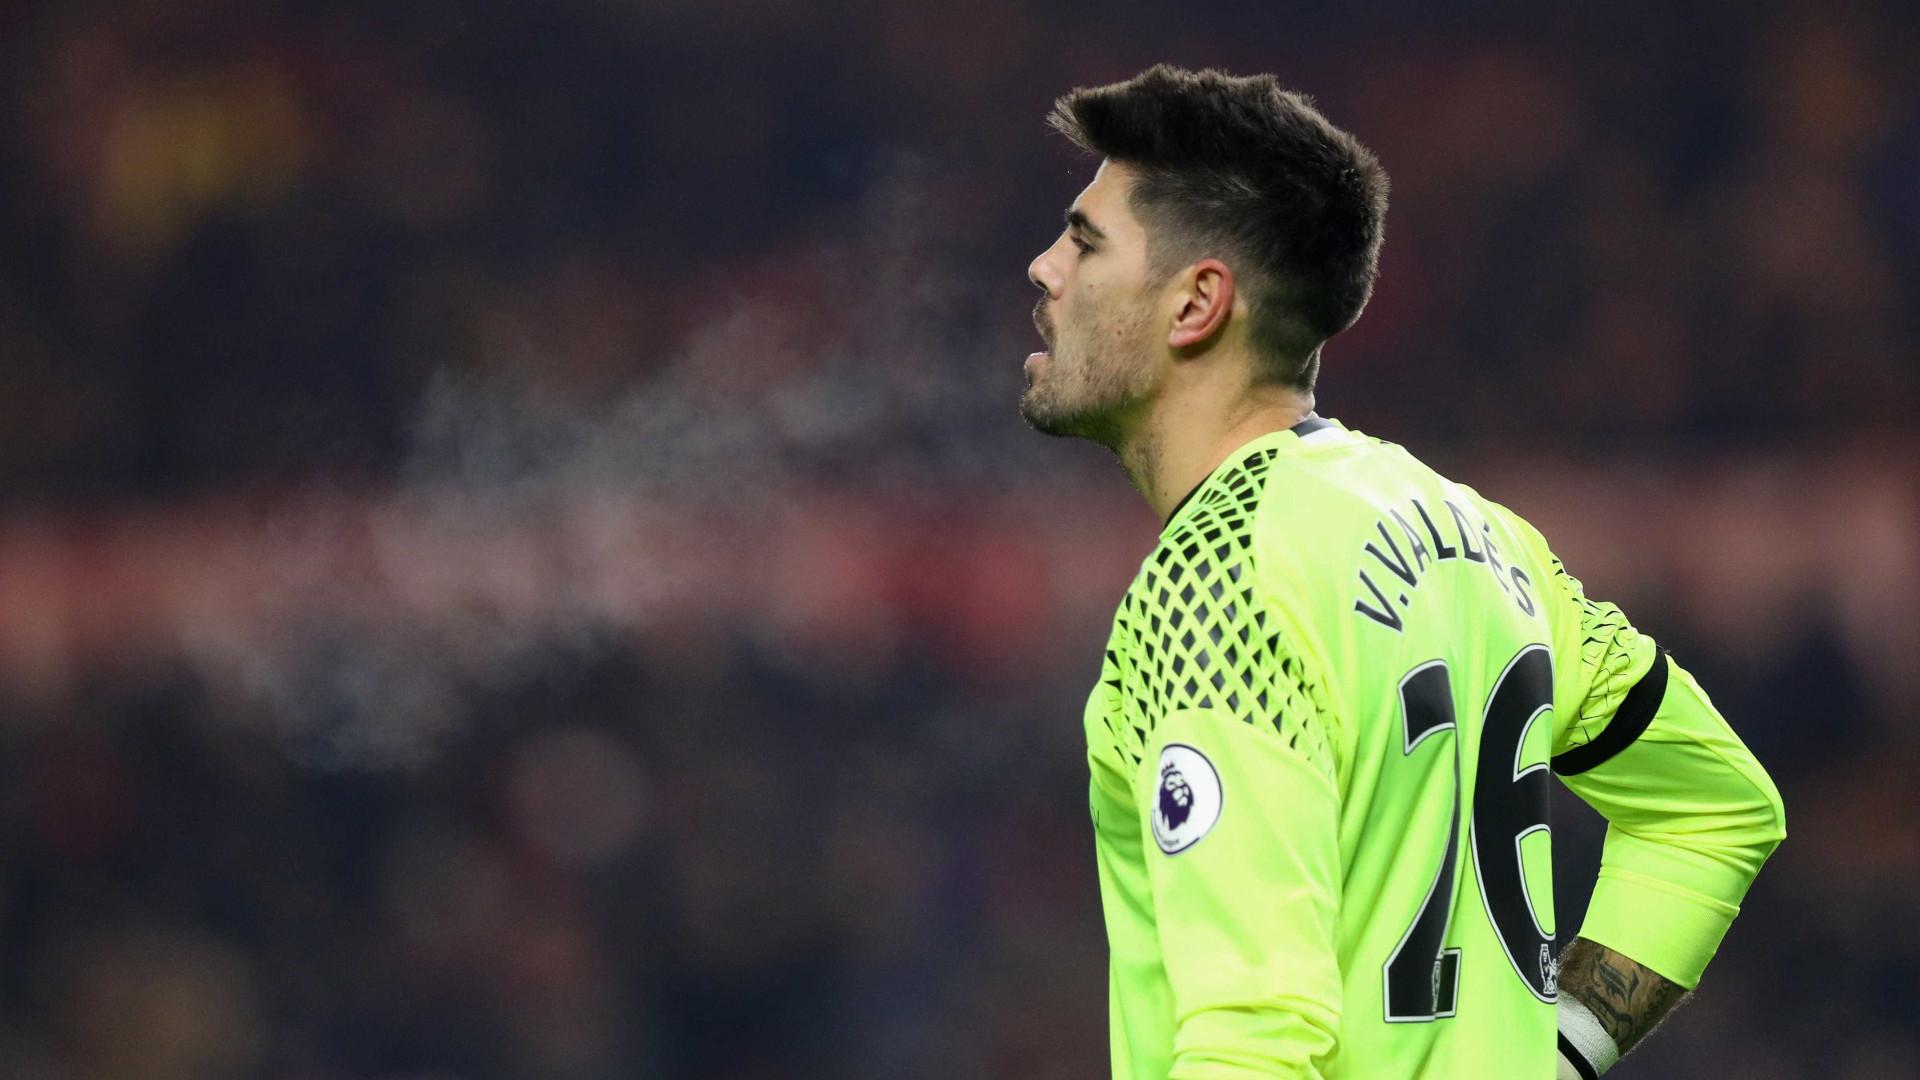 Notcias ao Minuto Sporting avan§a por Valdés se Rui Patrcio sair